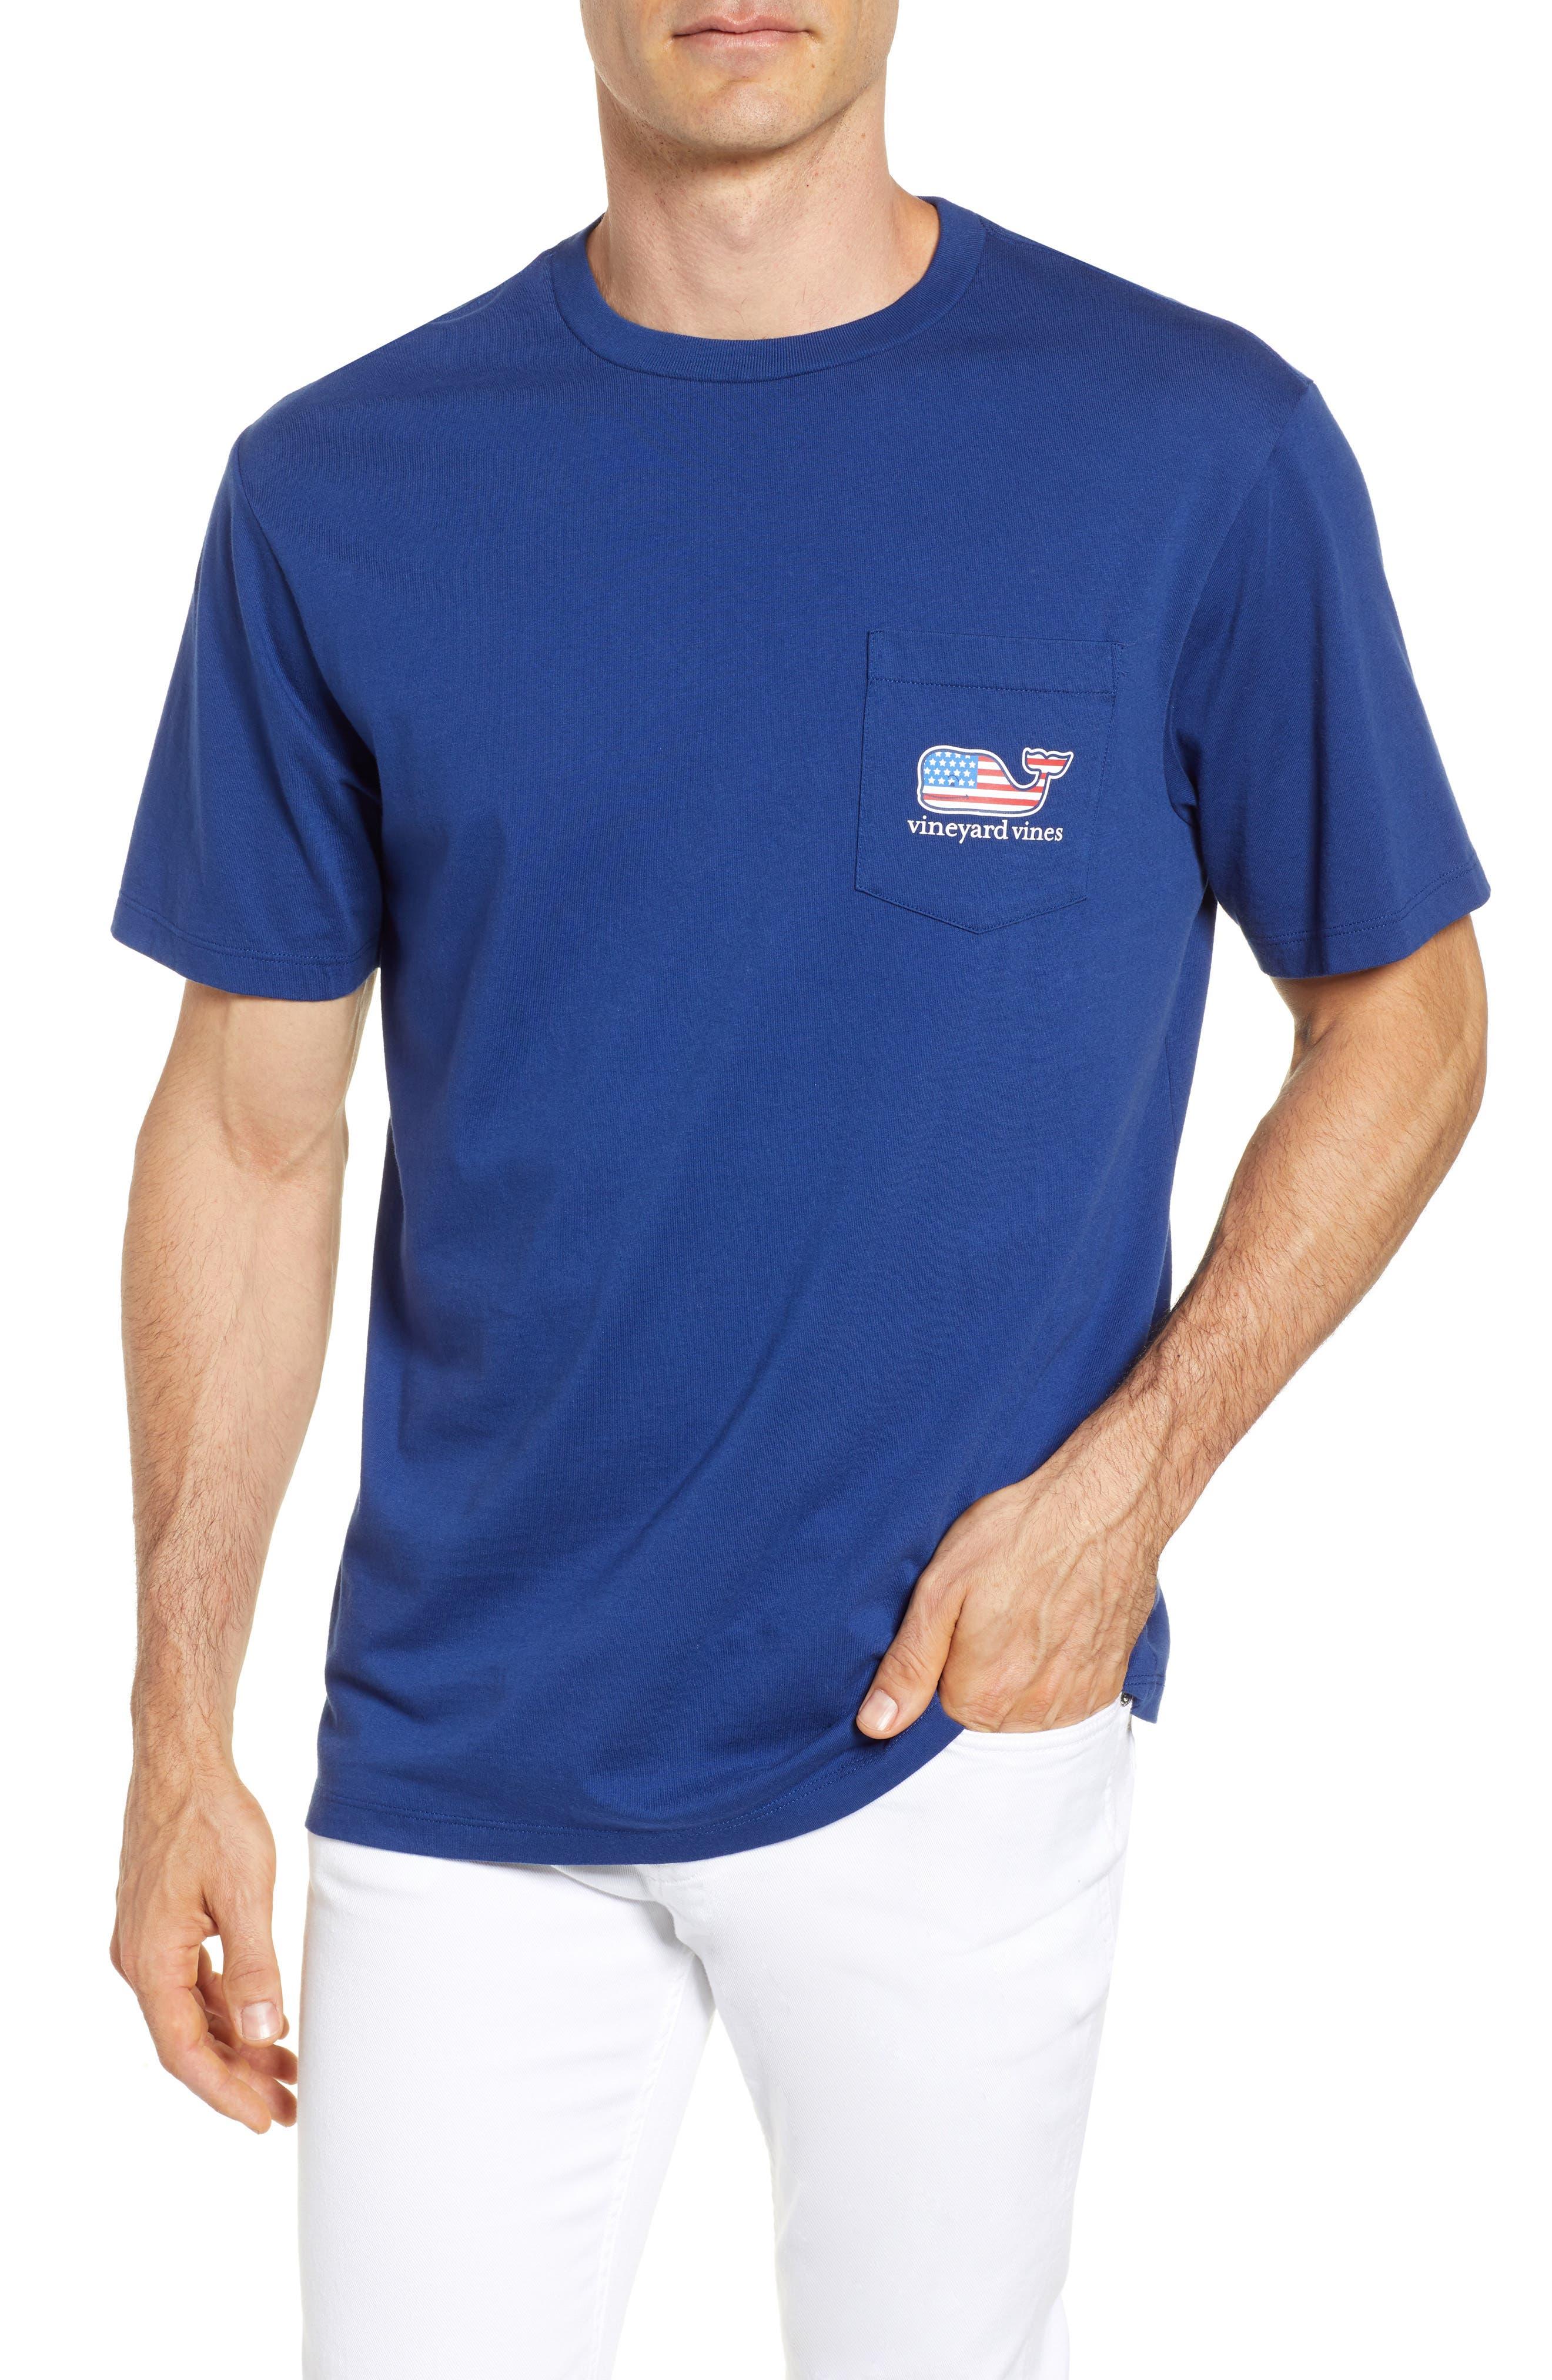 U.S. Tradition Pocket T-Shirt,                             Main thumbnail 1, color,                             400